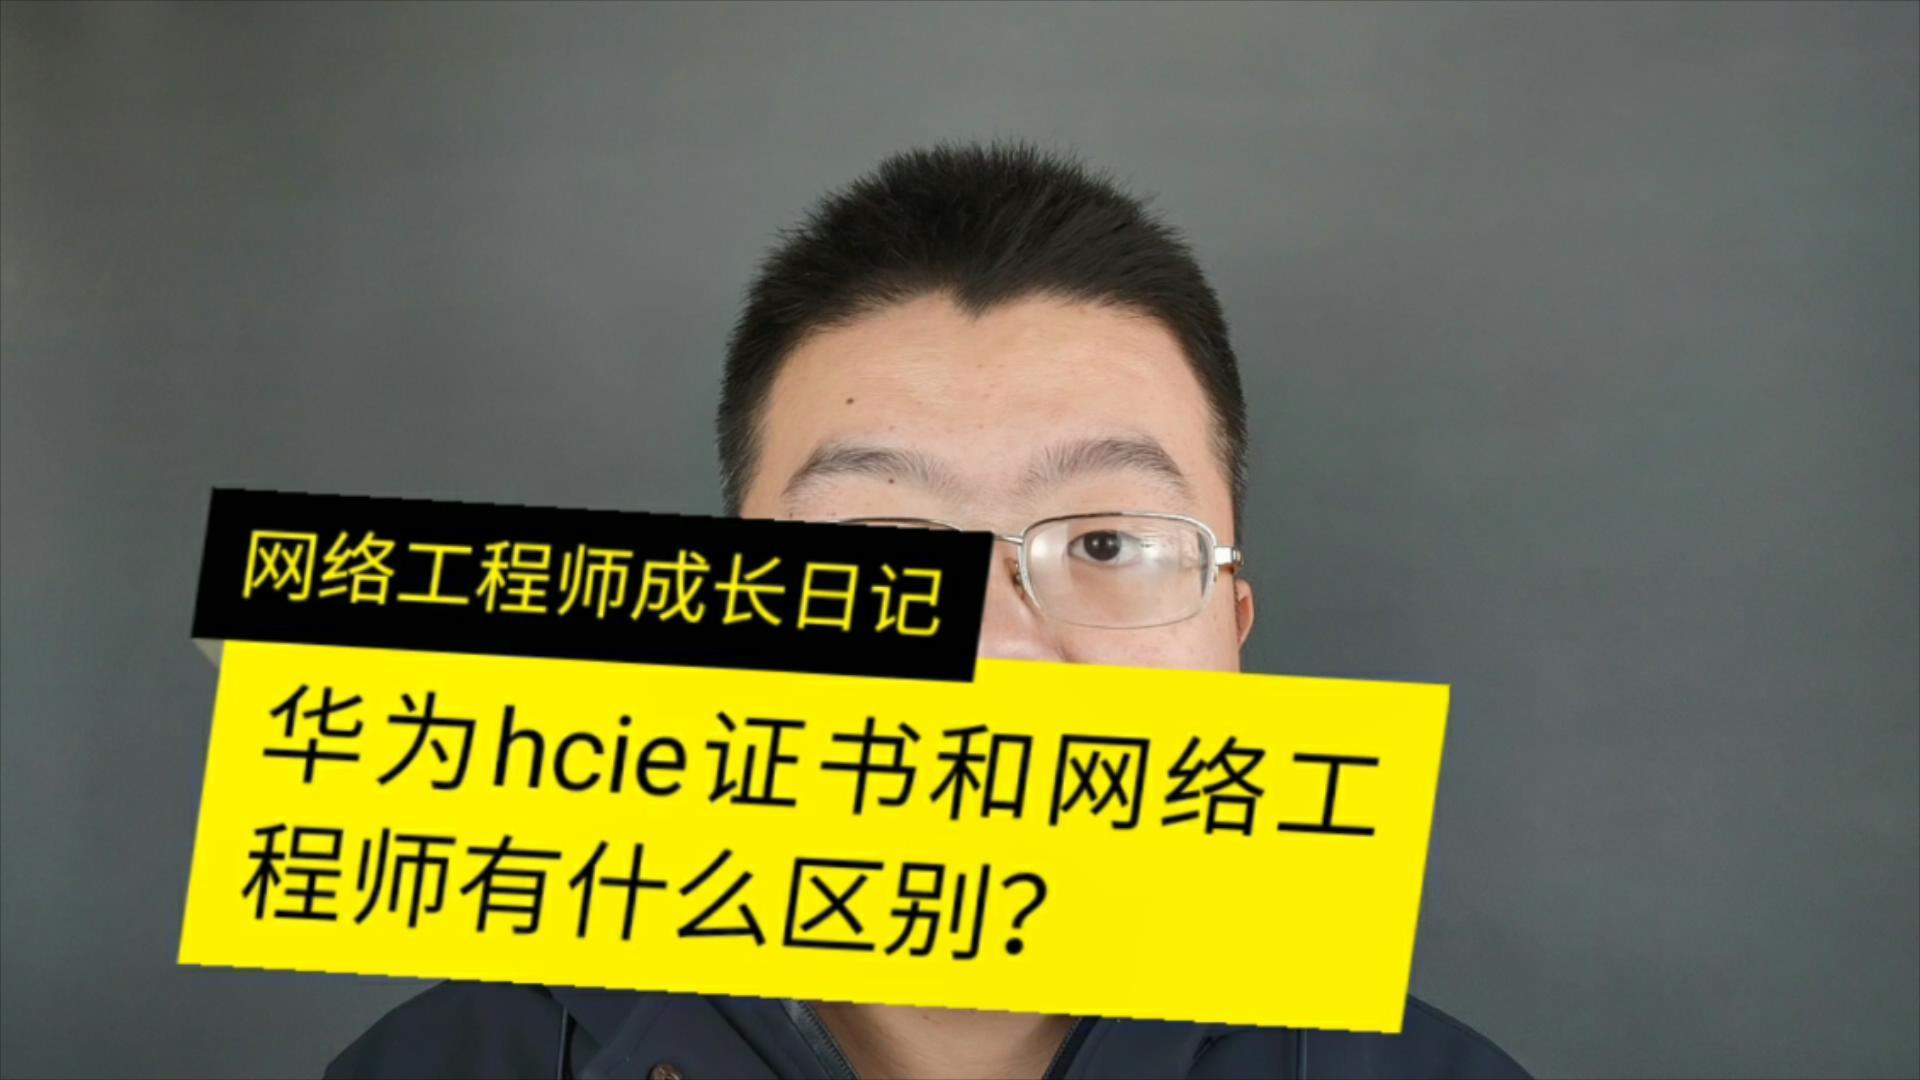 华为HICE和网络工程师有什么区别